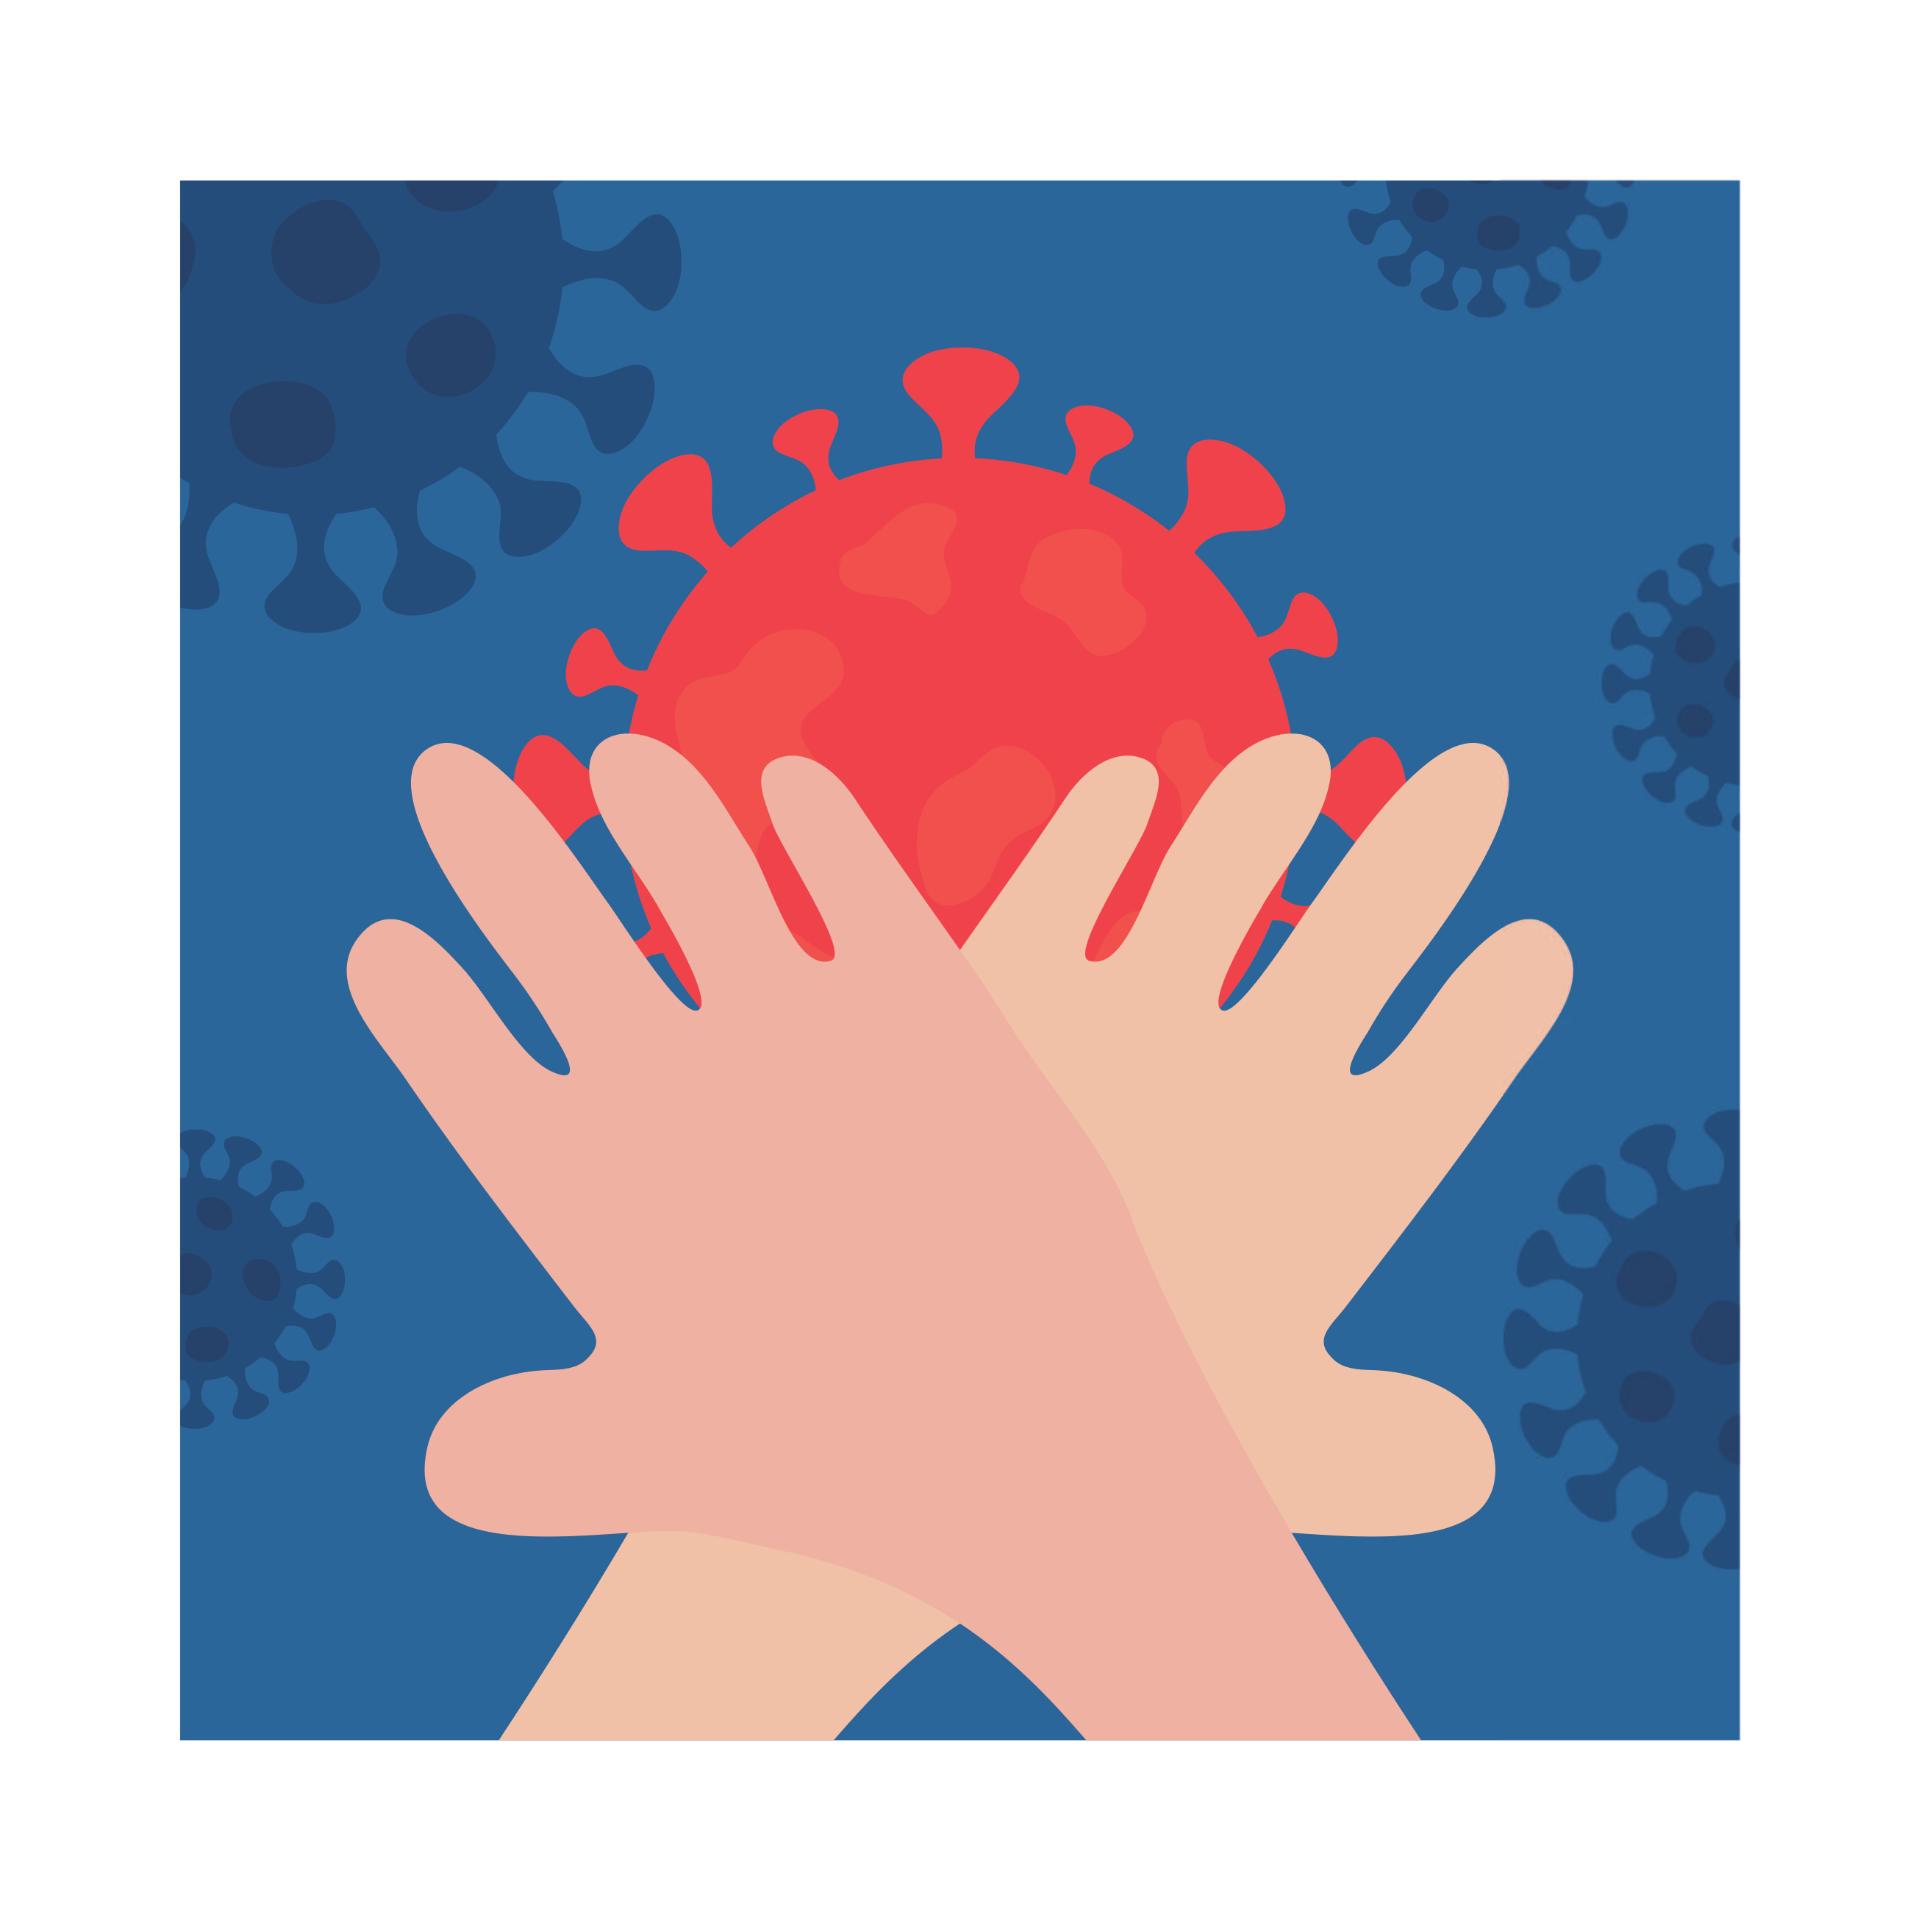 estevirus lofrenamosjuntos (1)